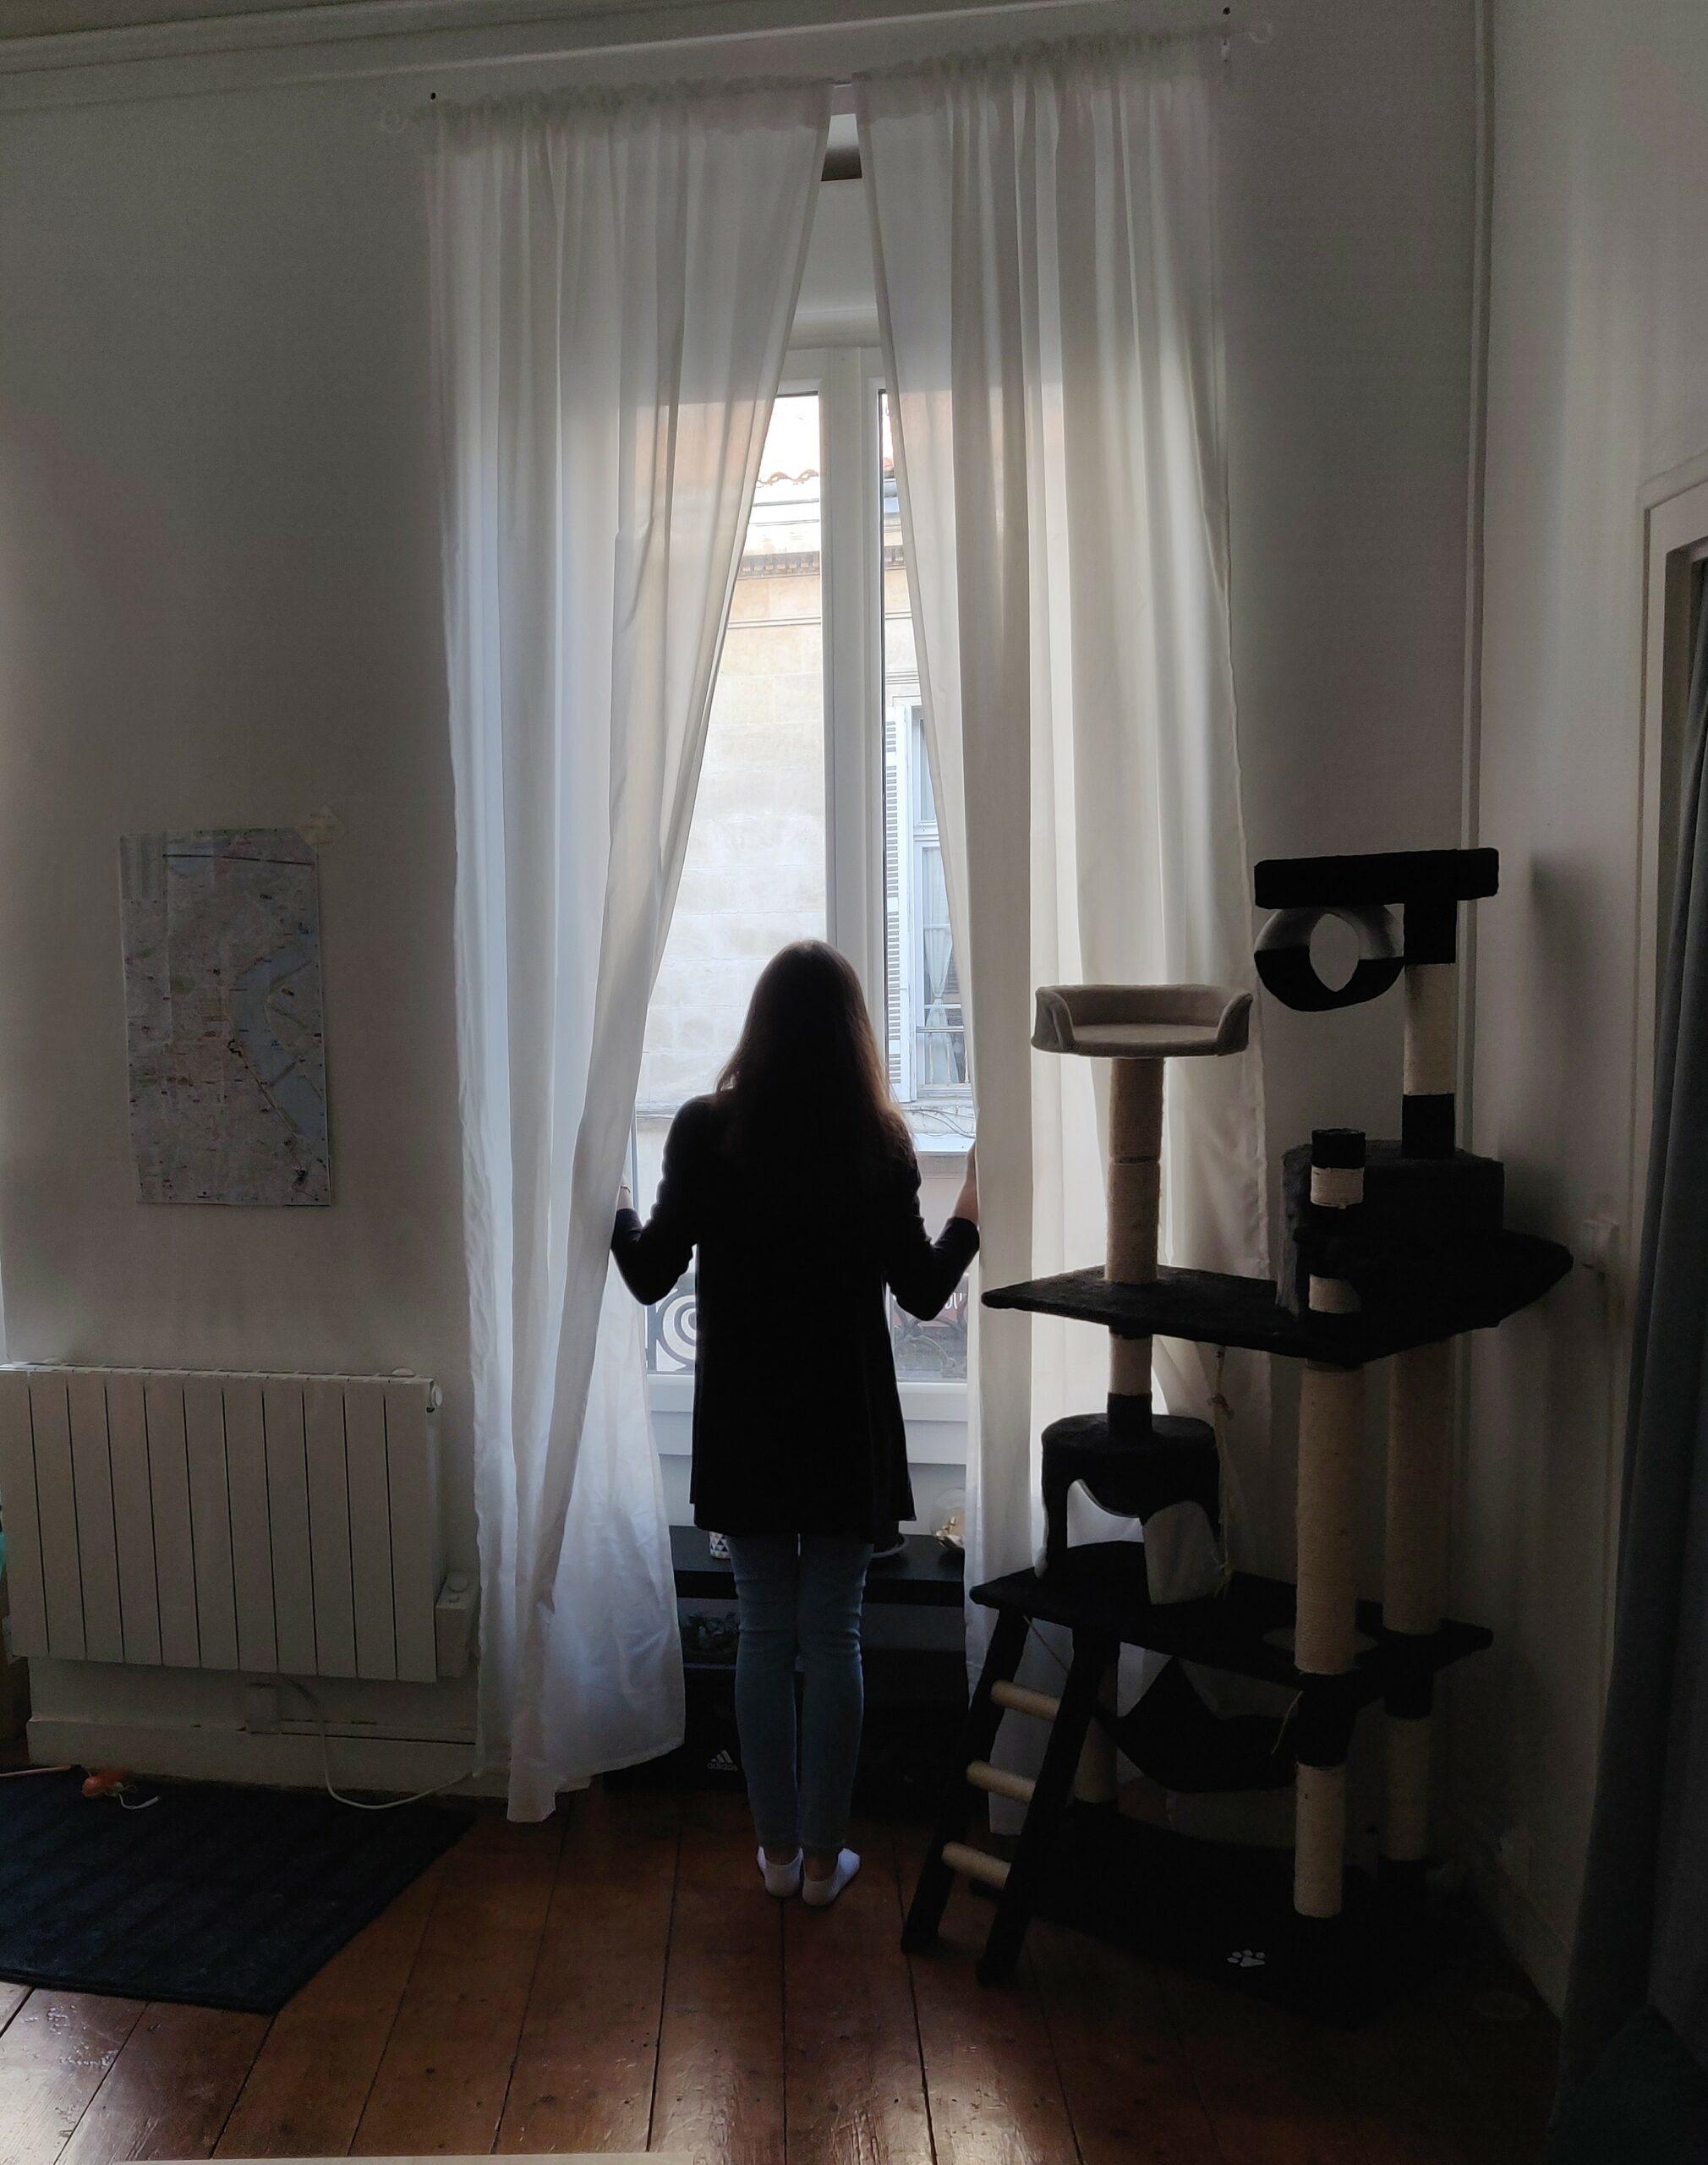 Plan d'ensemble sur la scène. Une femme, habillée en jean, chaussettes blanche et gilet noir ouvre les rideaux pour regarder dehors. On voit a sa droite, un arbre à chat noir et beige, qui est plus grand qu'elle. A gauche est présent un radiateur blanc et un tapis bleu. Une carte de Bordeaux est accrochée au dessus du radiateur.